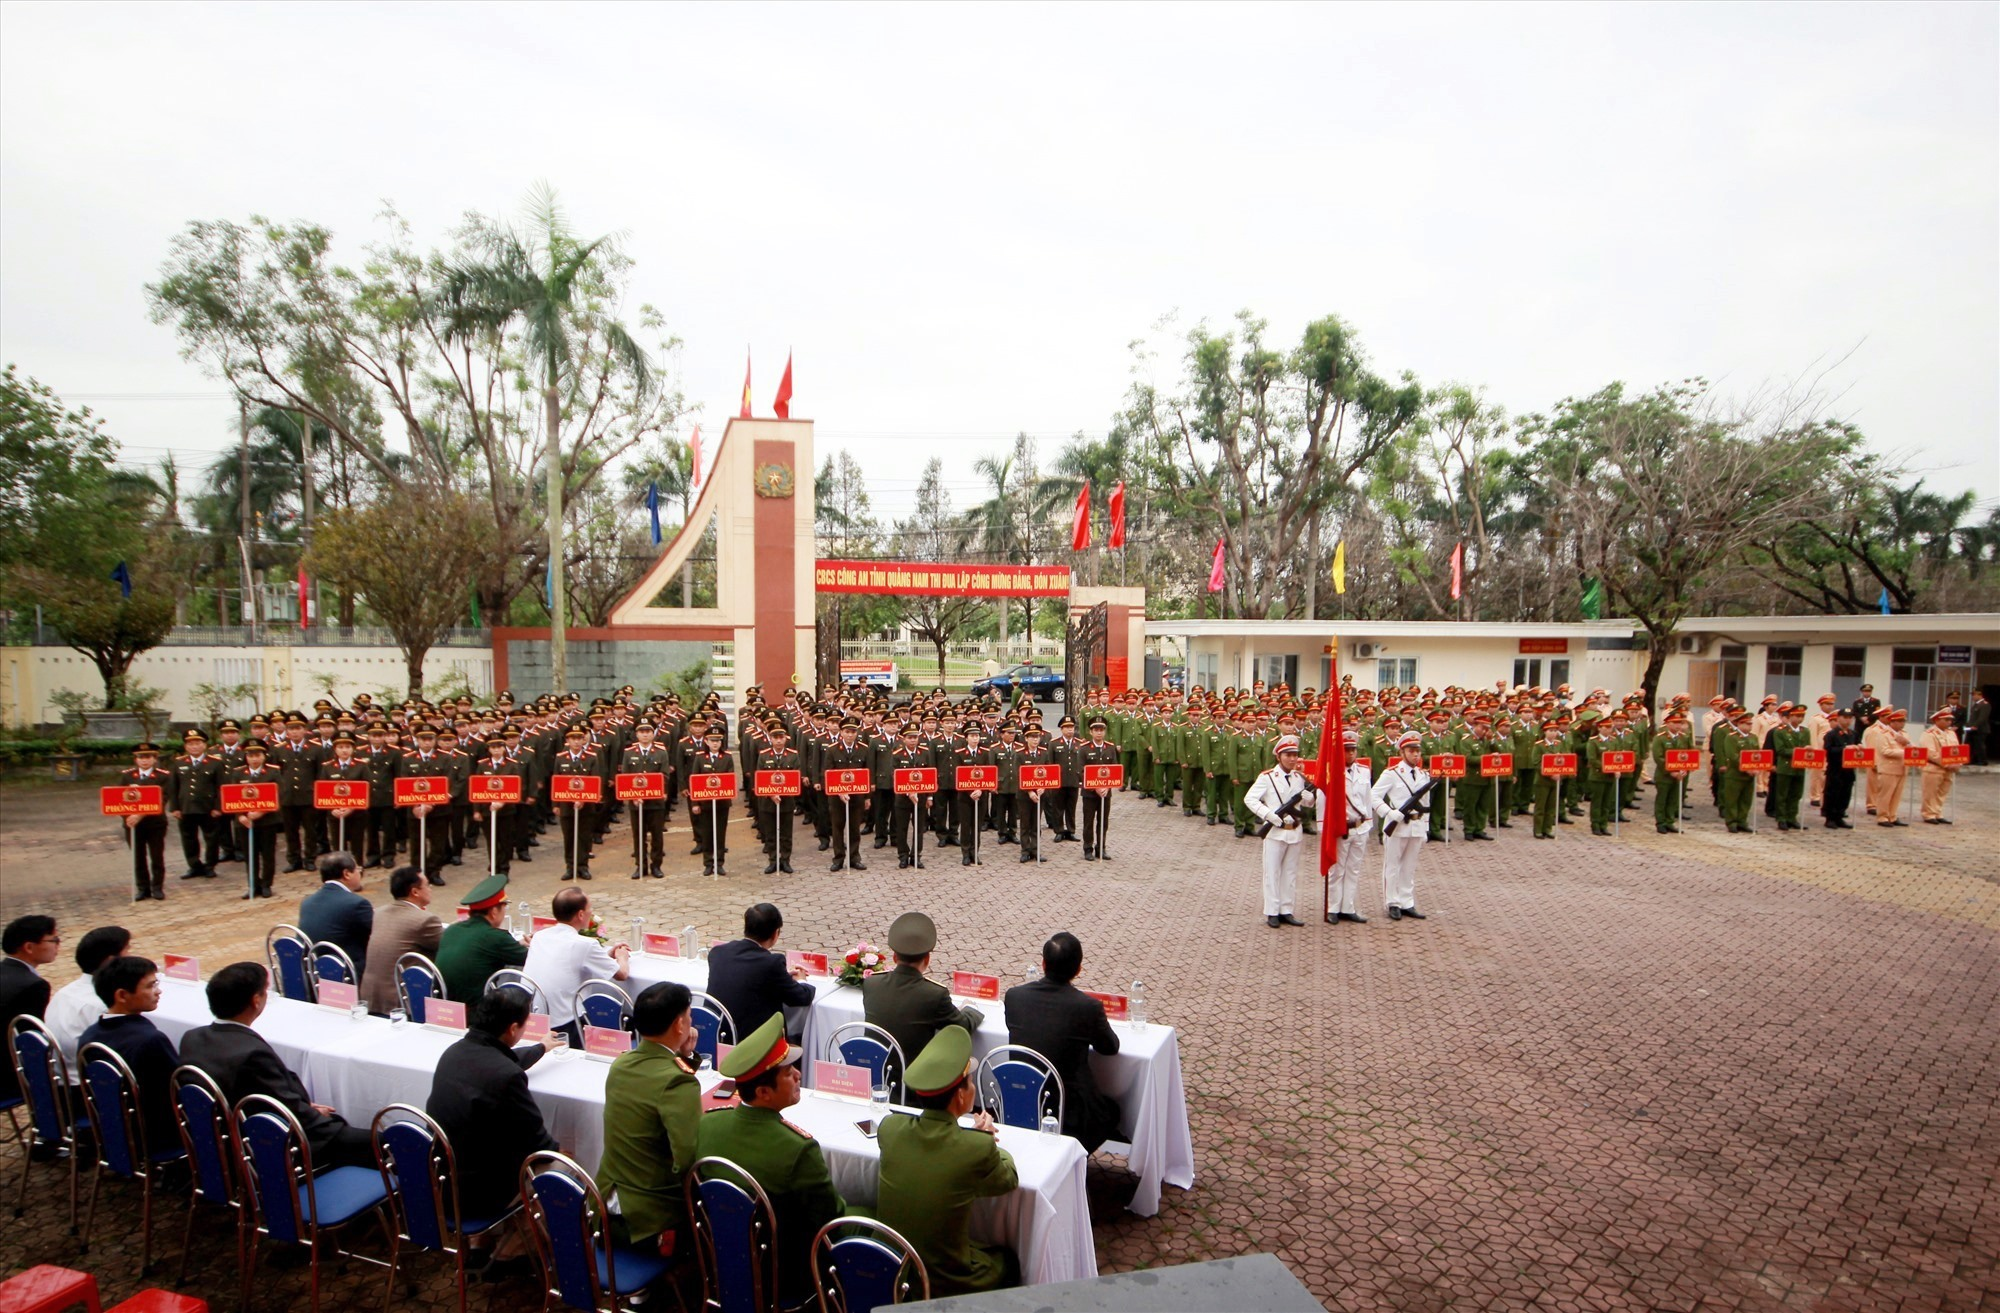 Cán bộ, chiến sĩ các lực lượng thuộc Công an tỉnh dự lễ ra quân đợt cao điểm trấn áp tội phạm. Ảnh: T.C